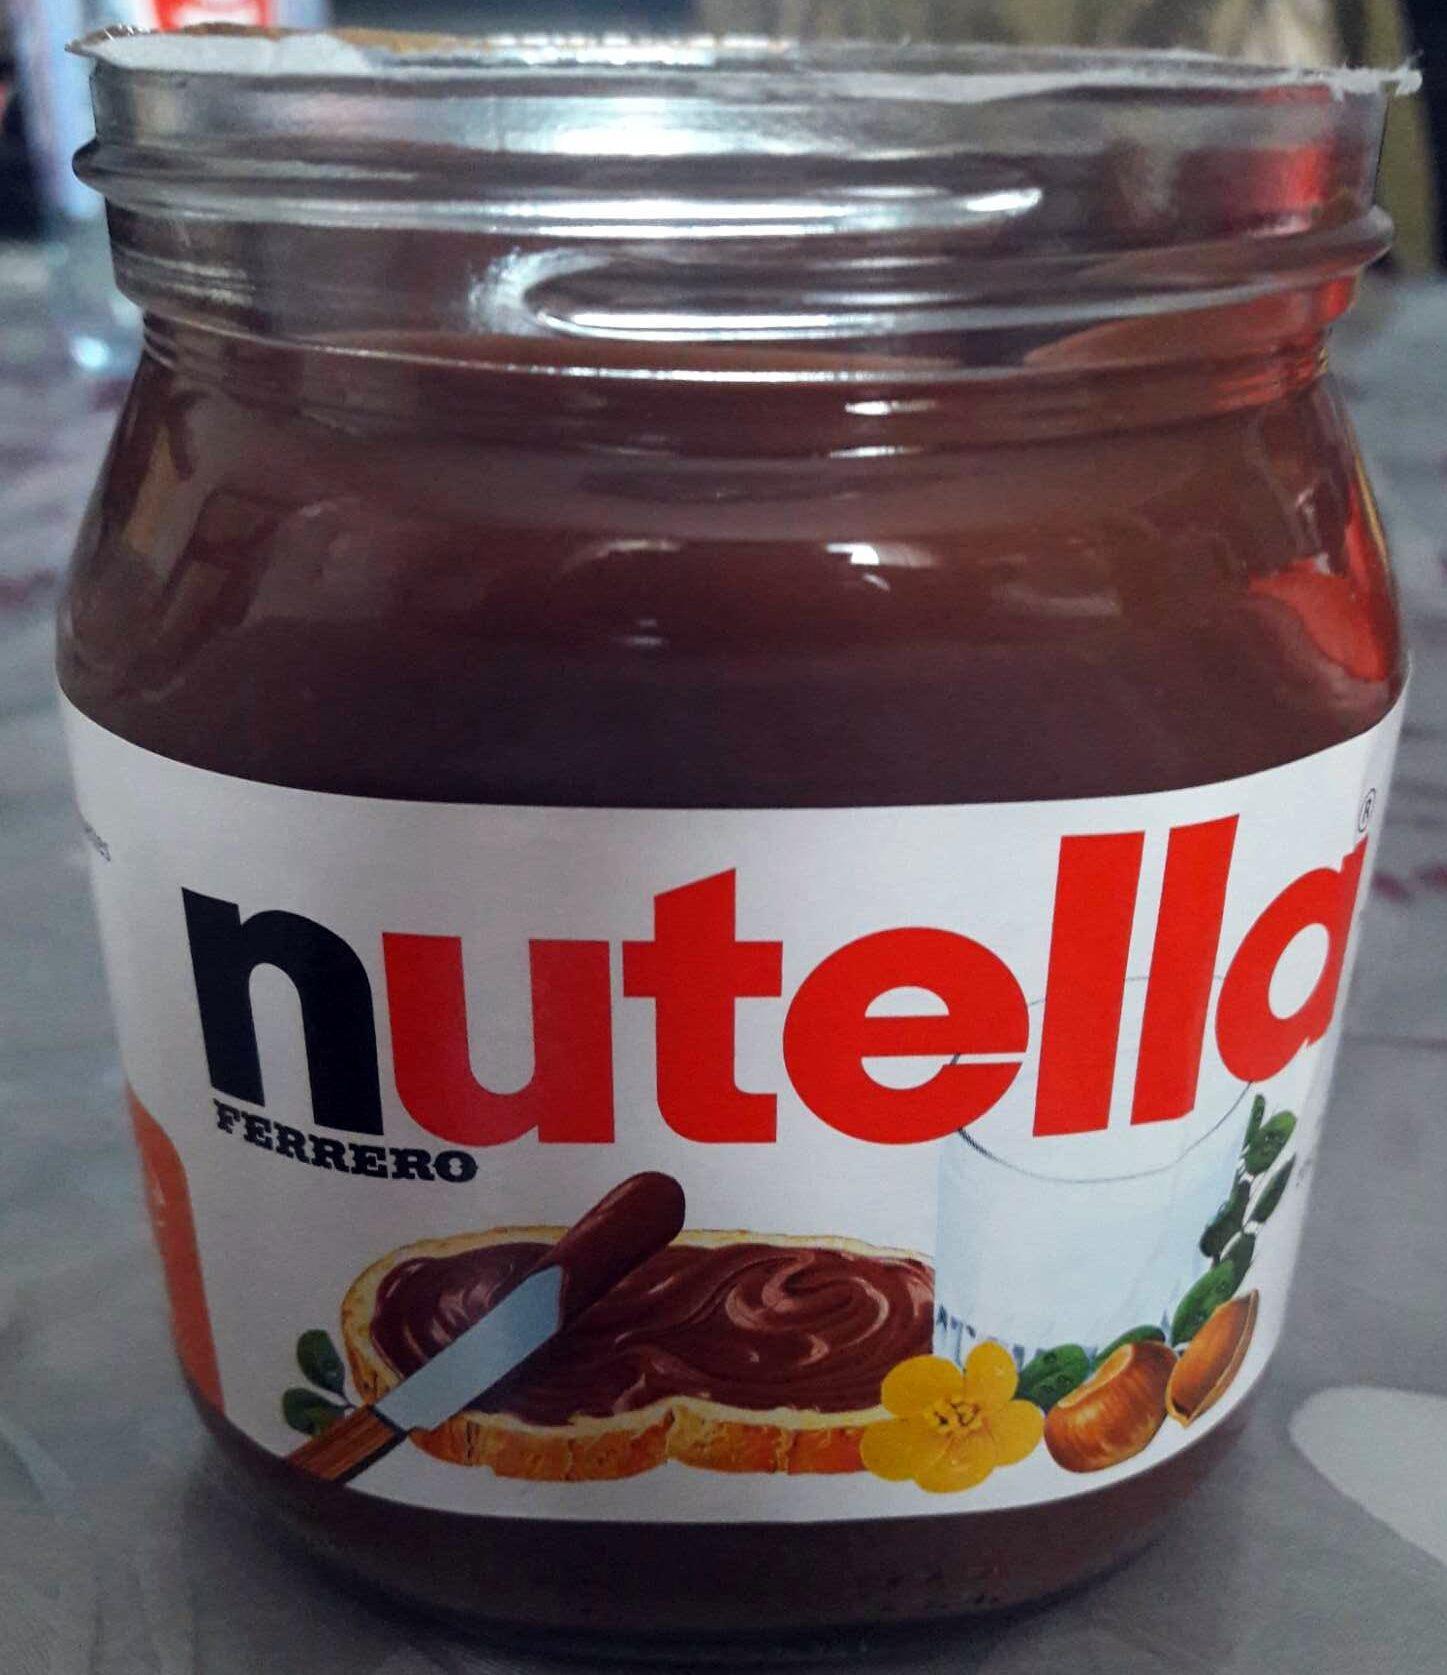 Nutella pate a tartiner noisettes-cacao t825 pot de 825 gr - Producto - es